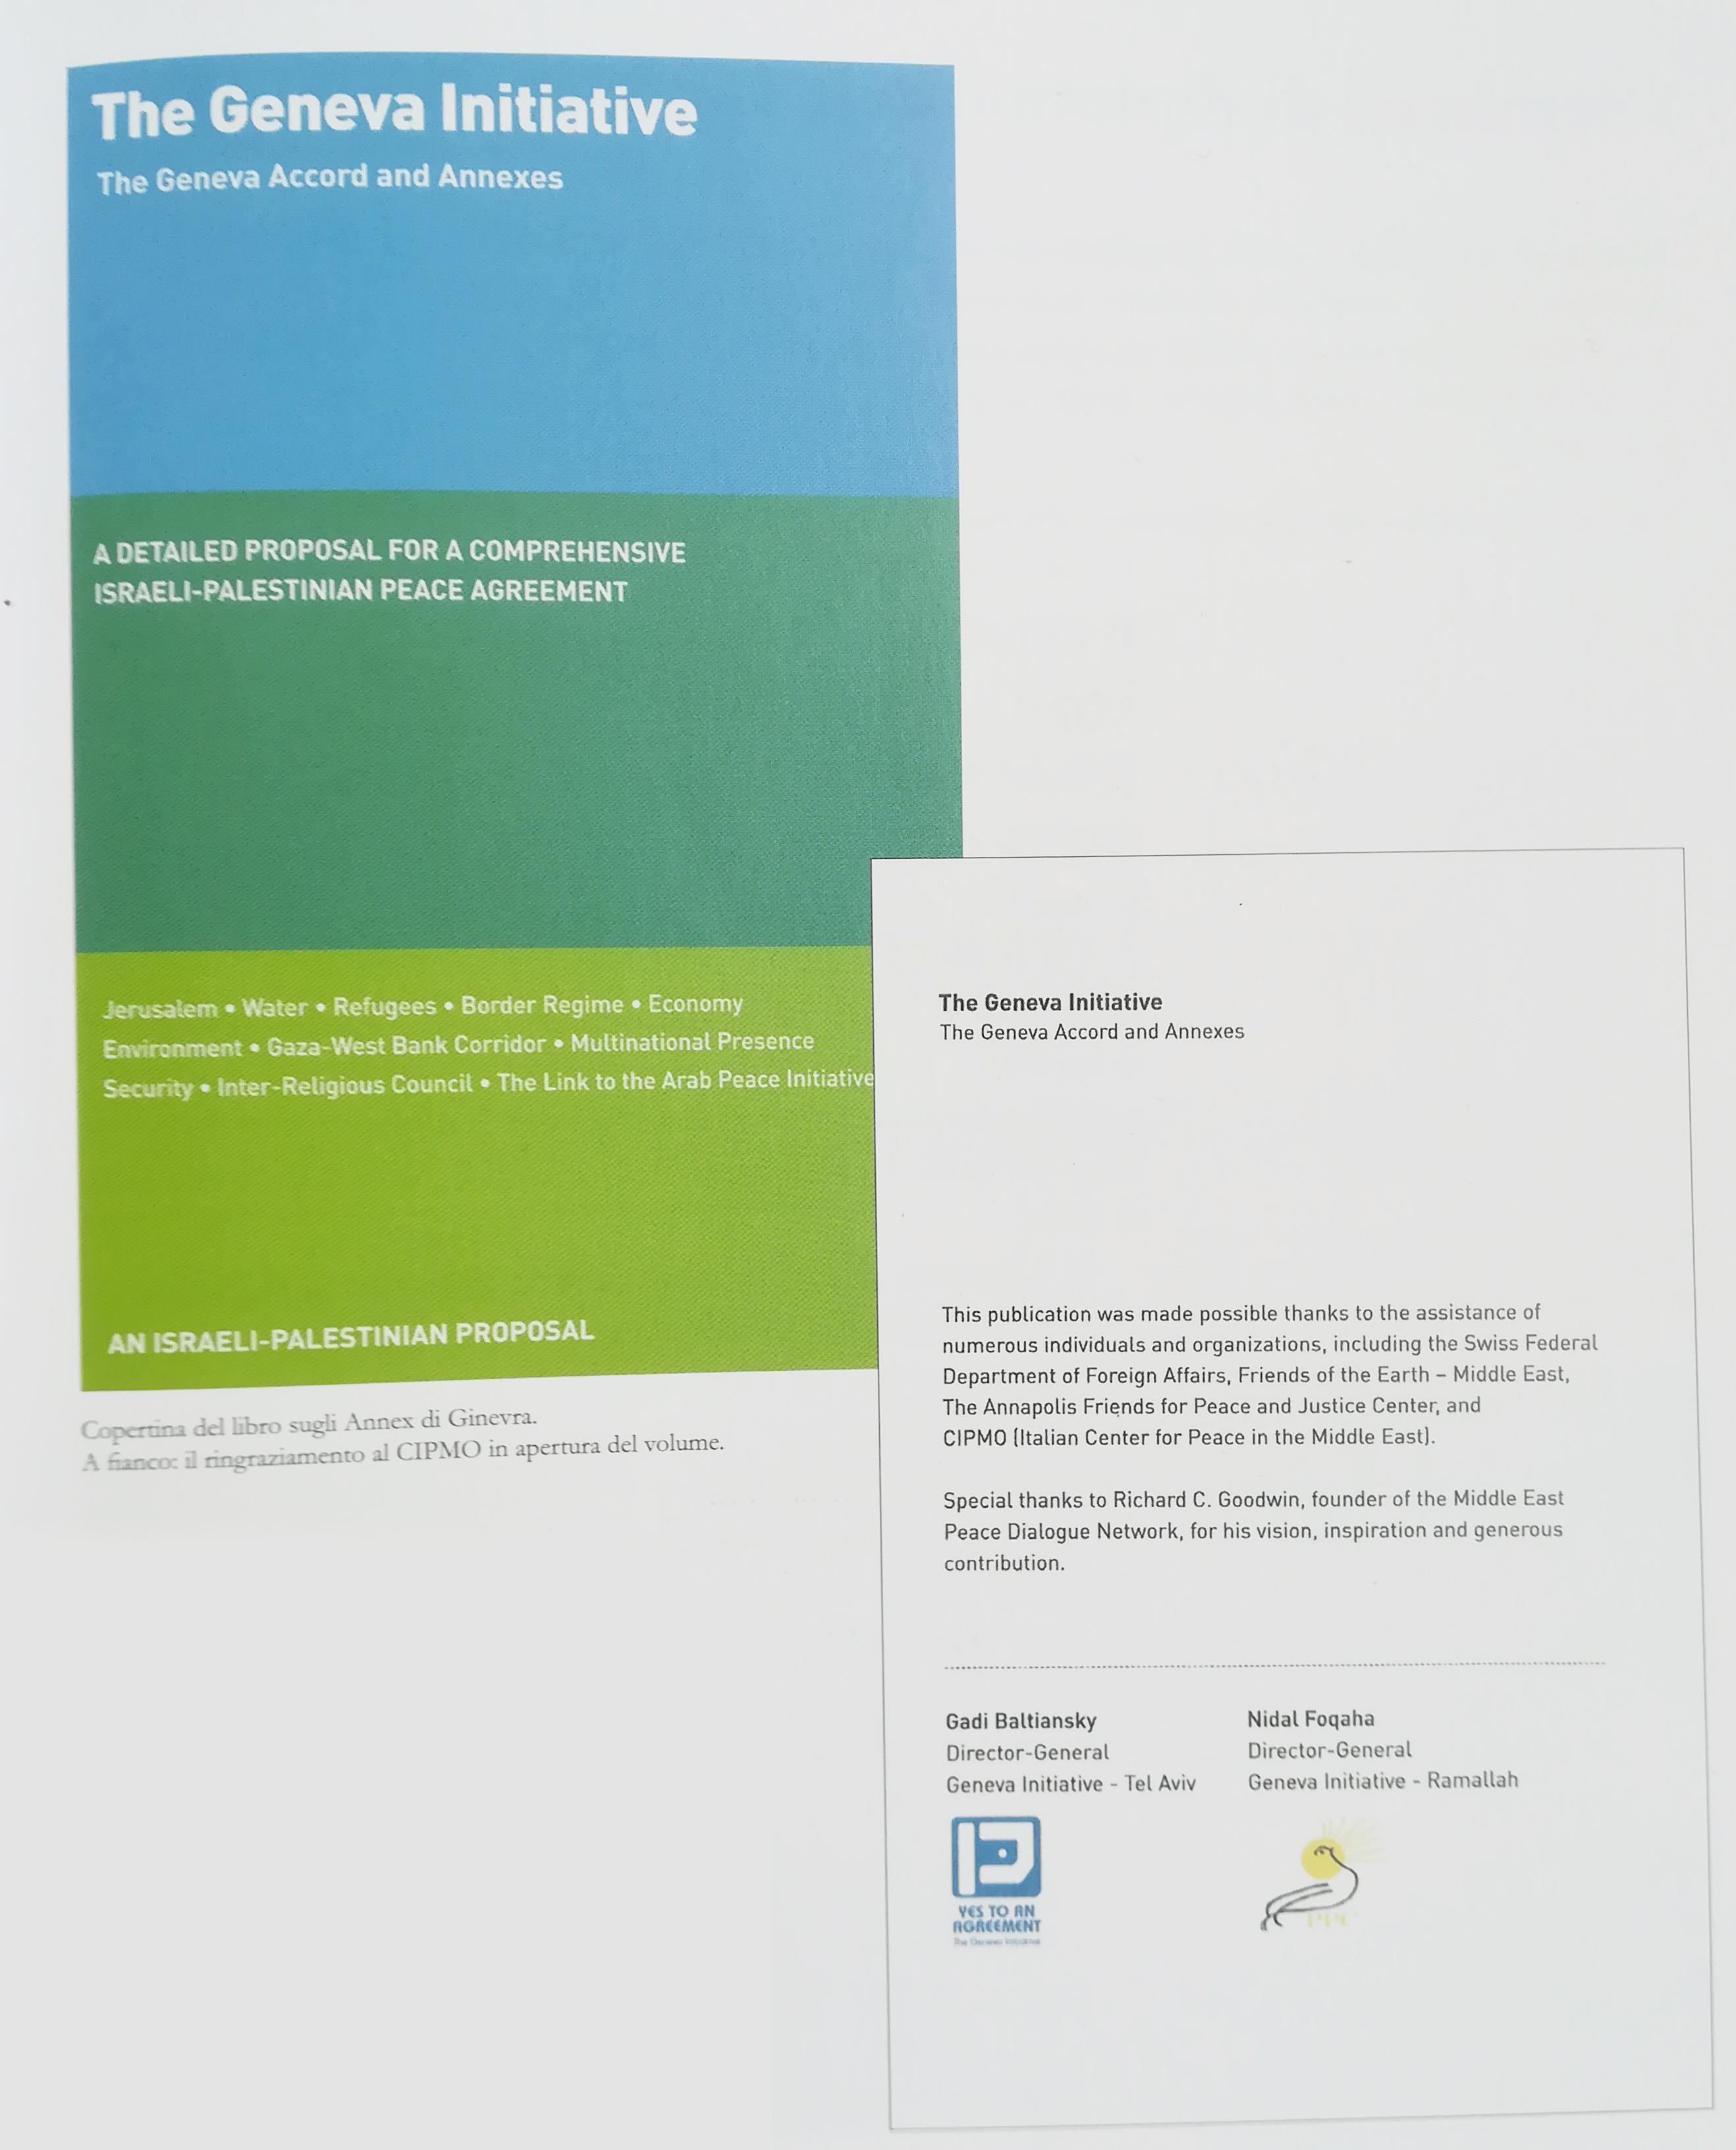 Libro sugli Accordi di Ginevra e  ringraziamento al CIPMO in apertura del volume